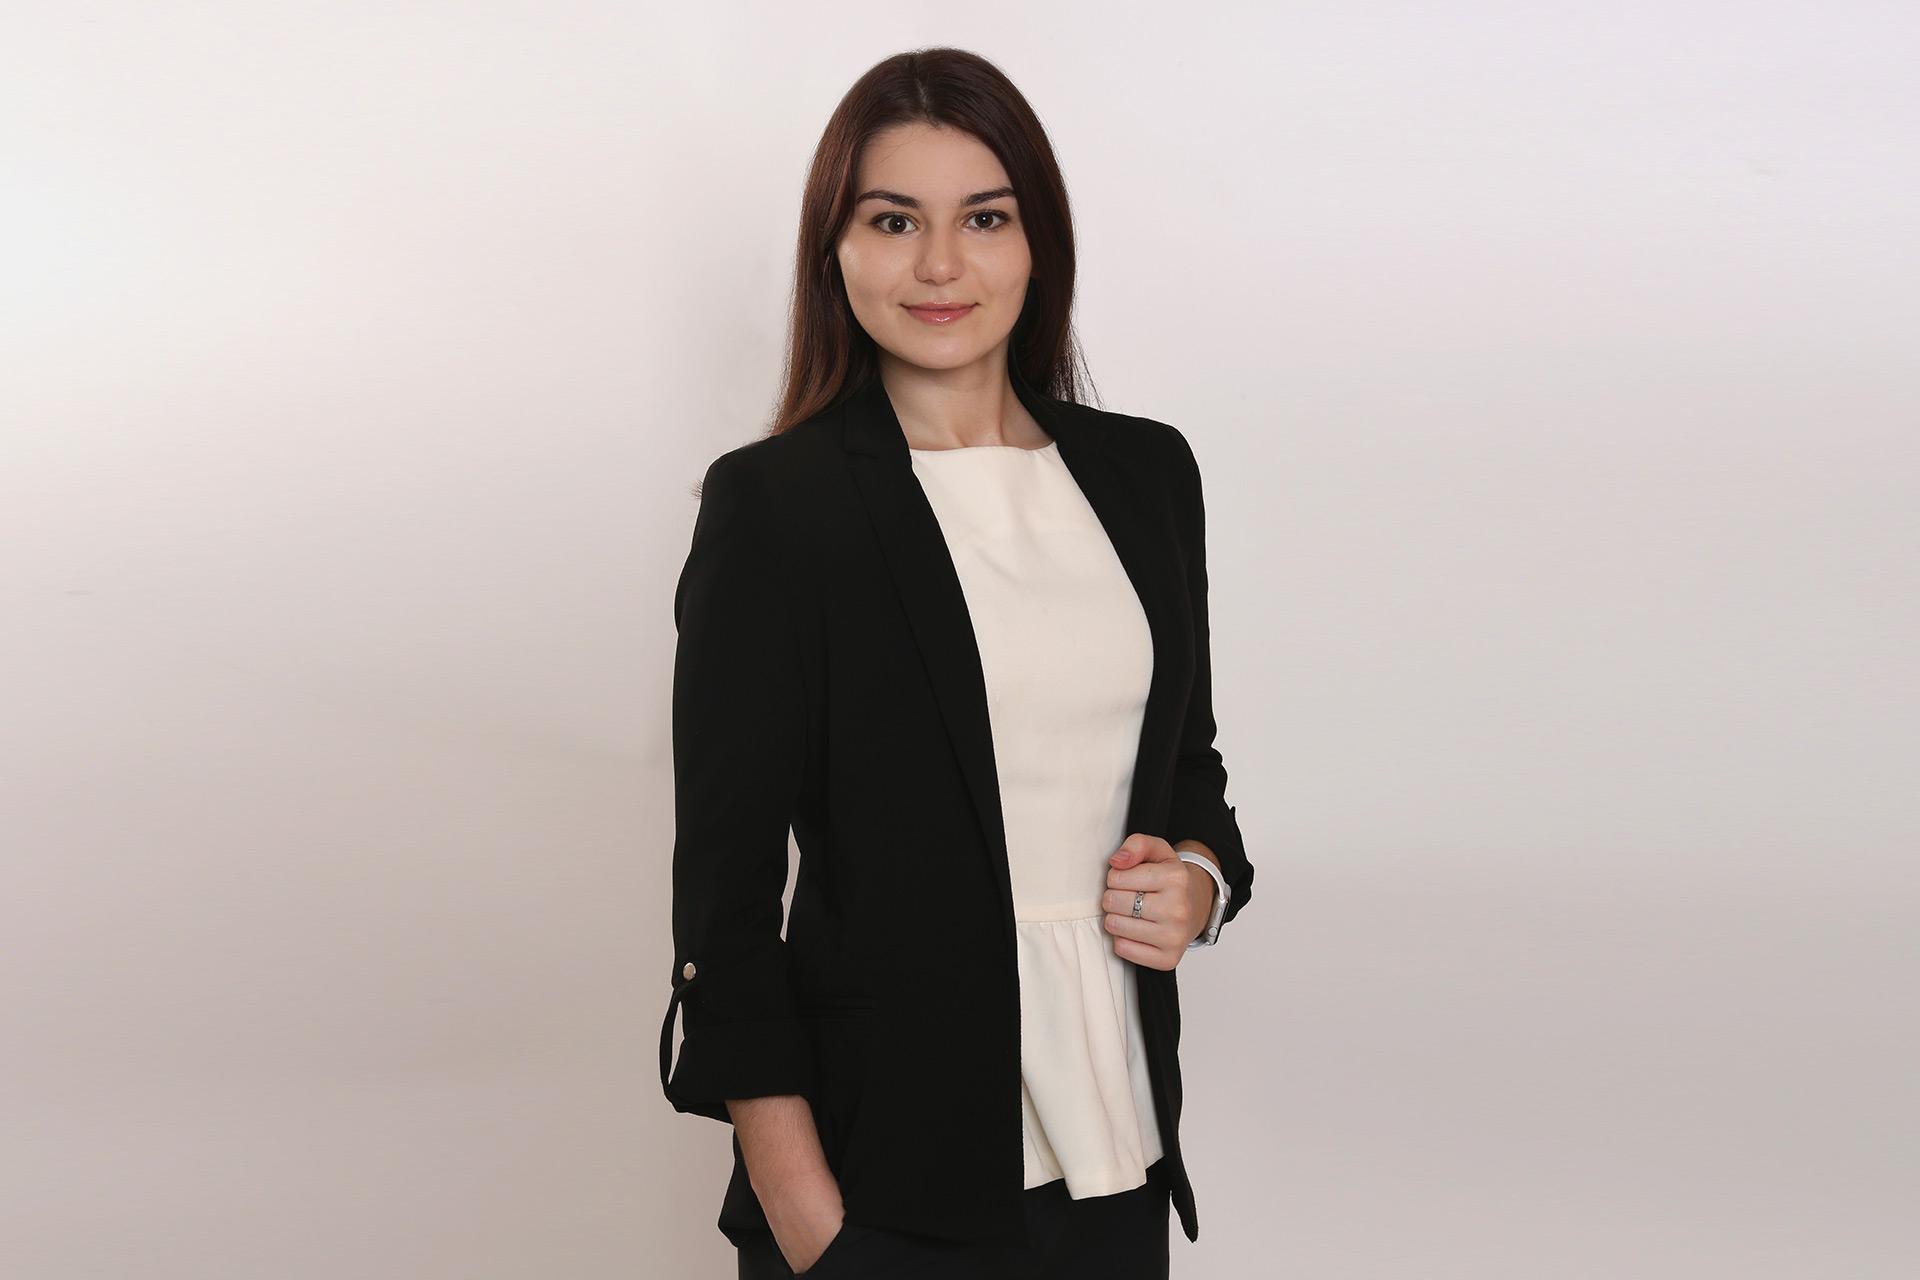 Яна Лозбинева – младший юрист Департамента международного налогового планирования юридической фирмы Клифф